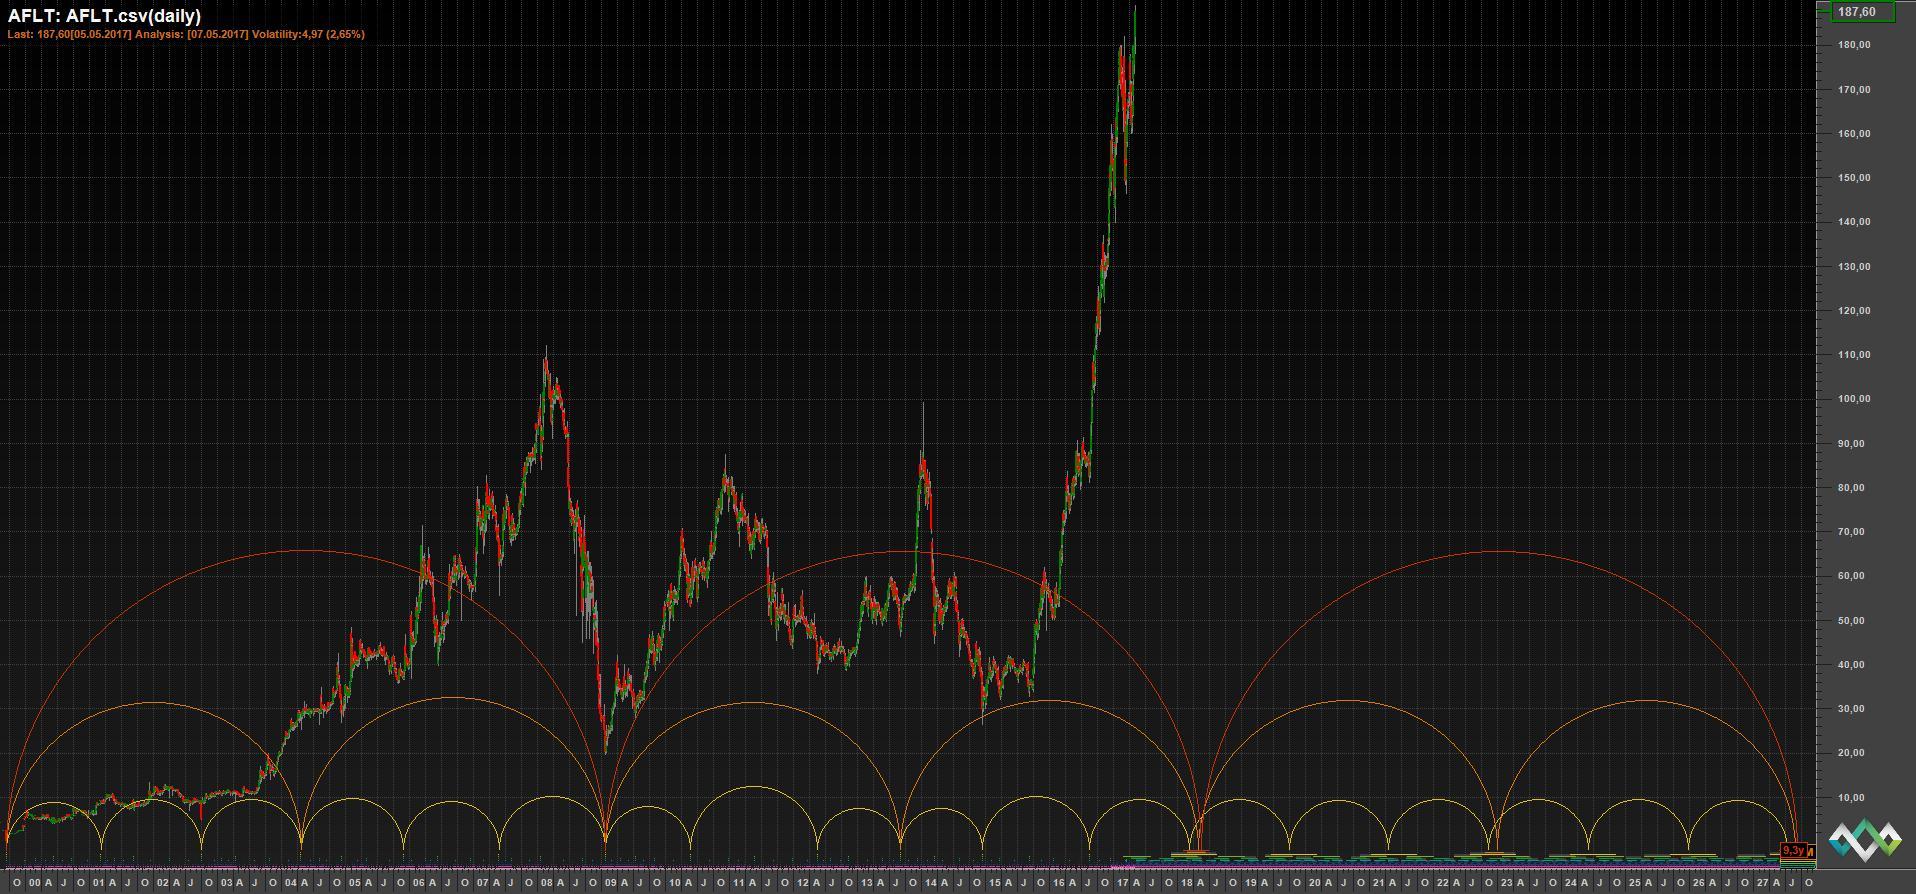 Временной анализ акций Аэрофлота